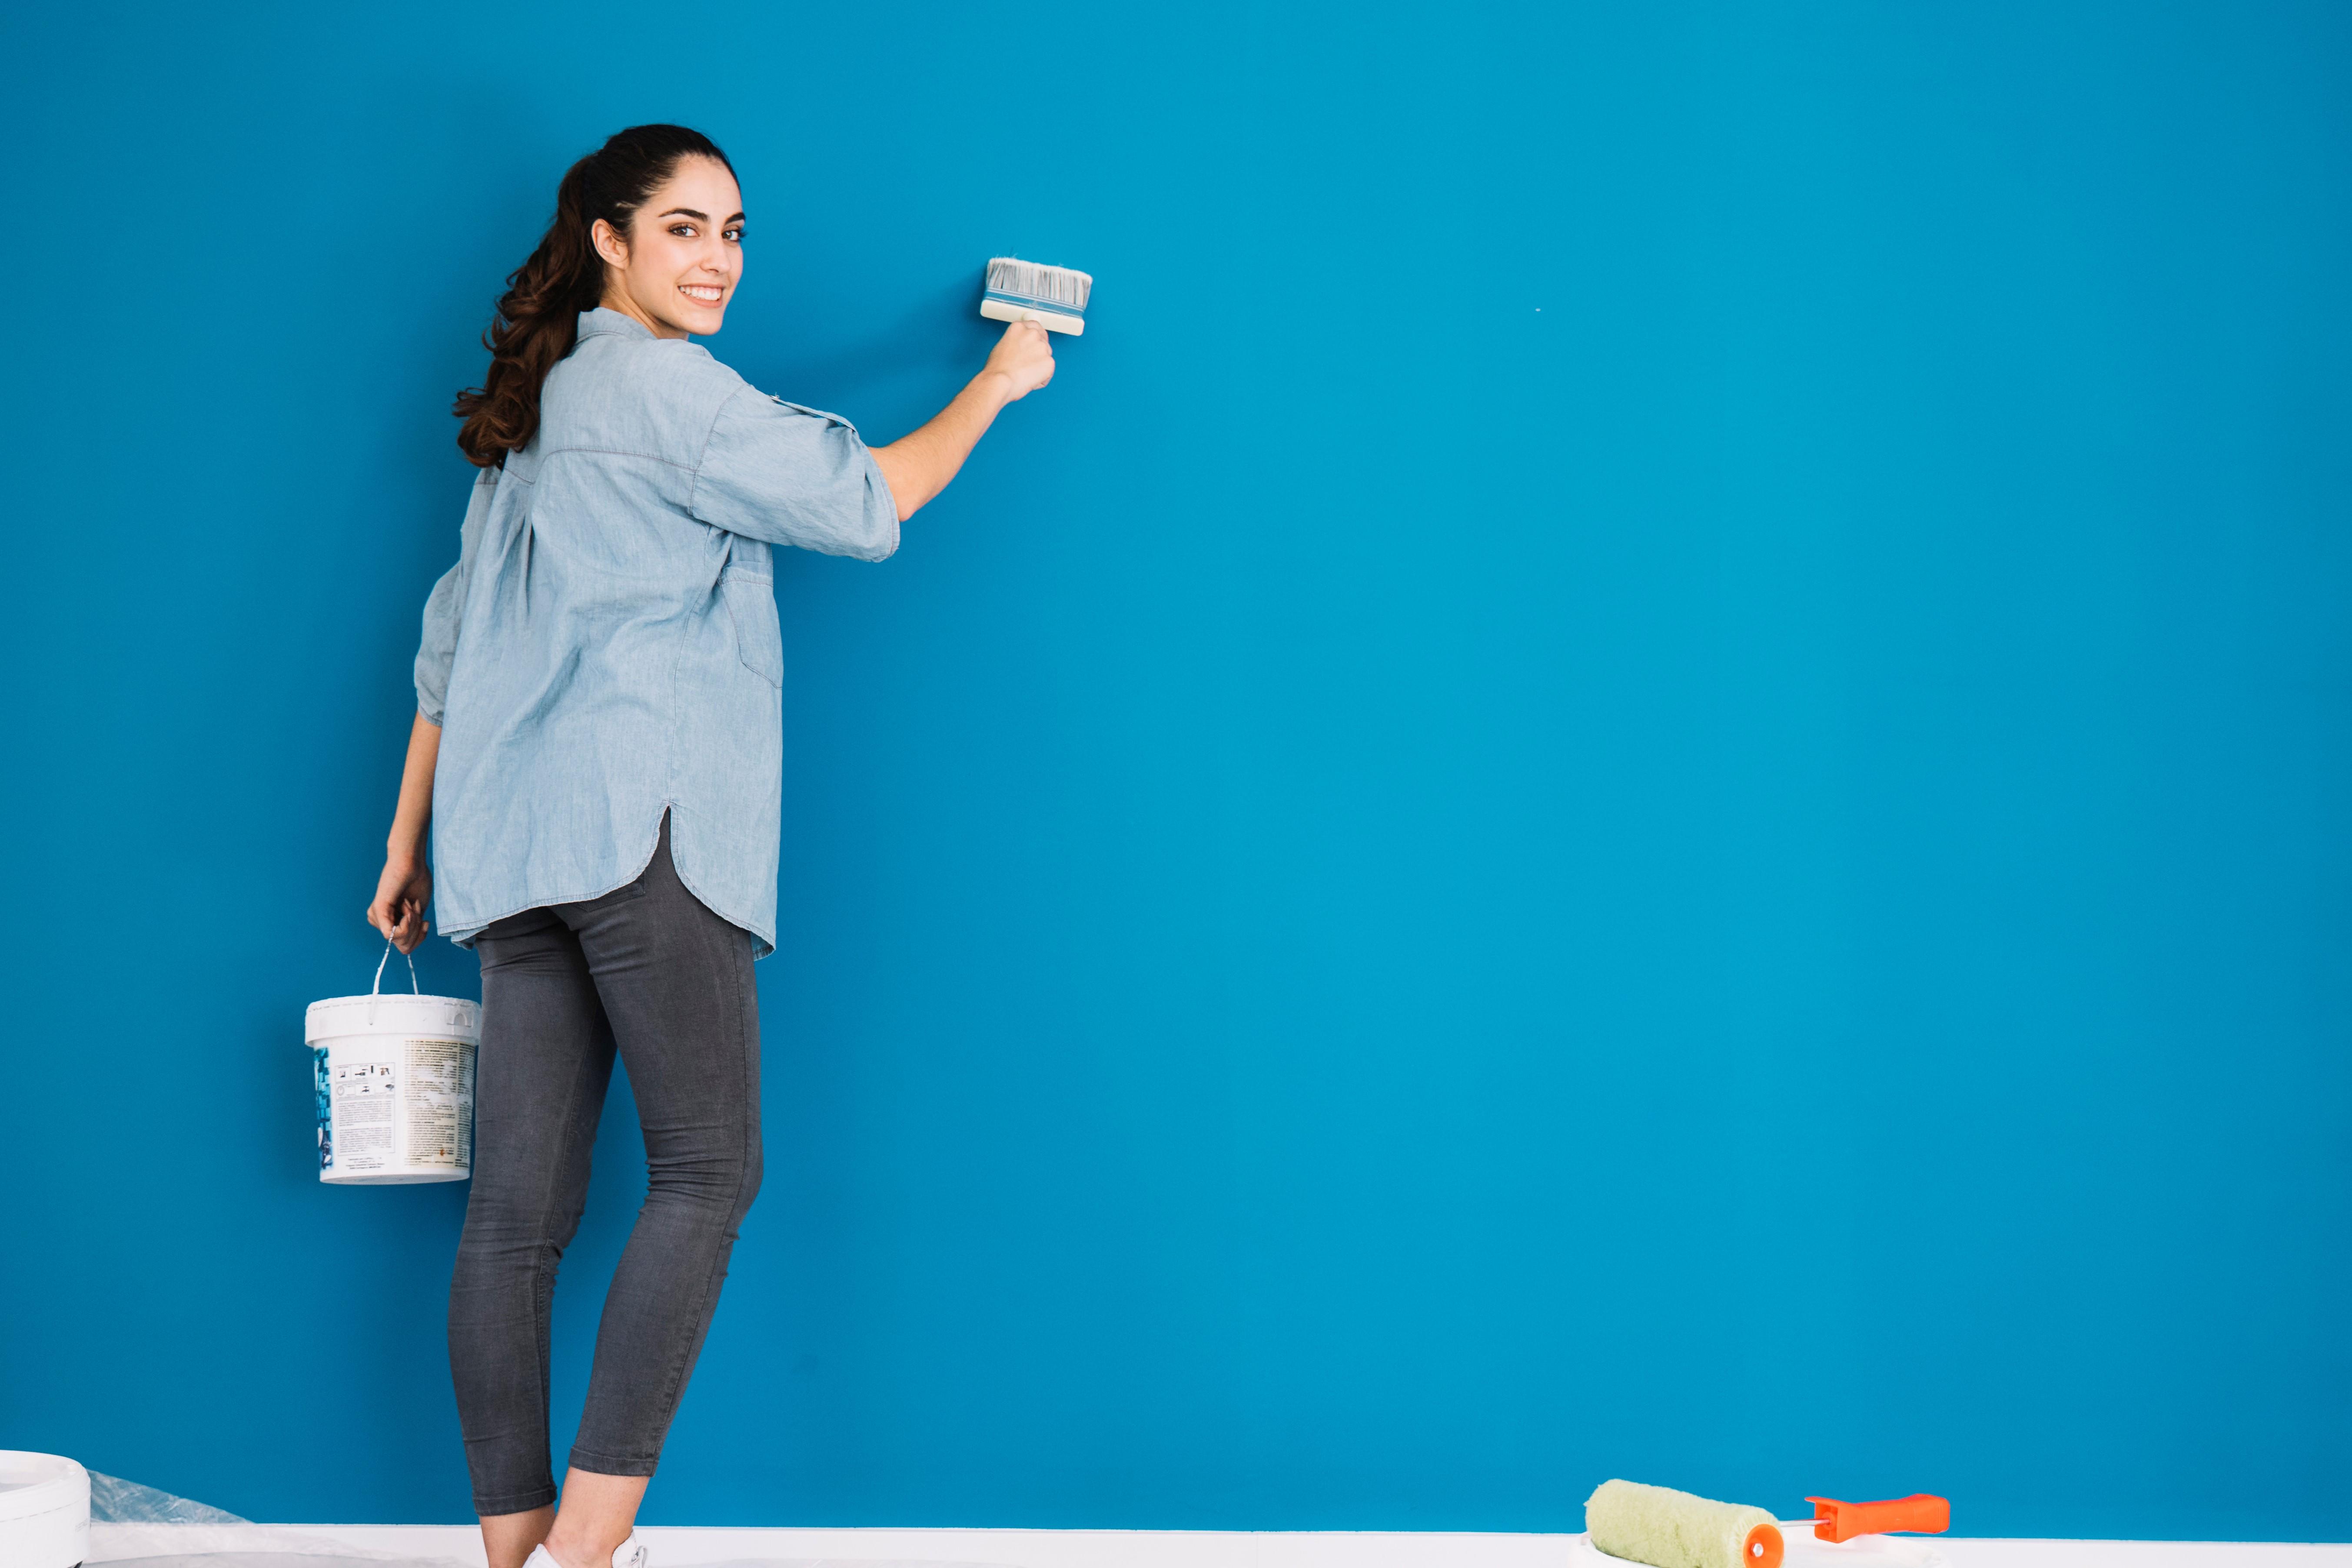 Dicas práticas de Como Pintar a casa sem dor de cabeça